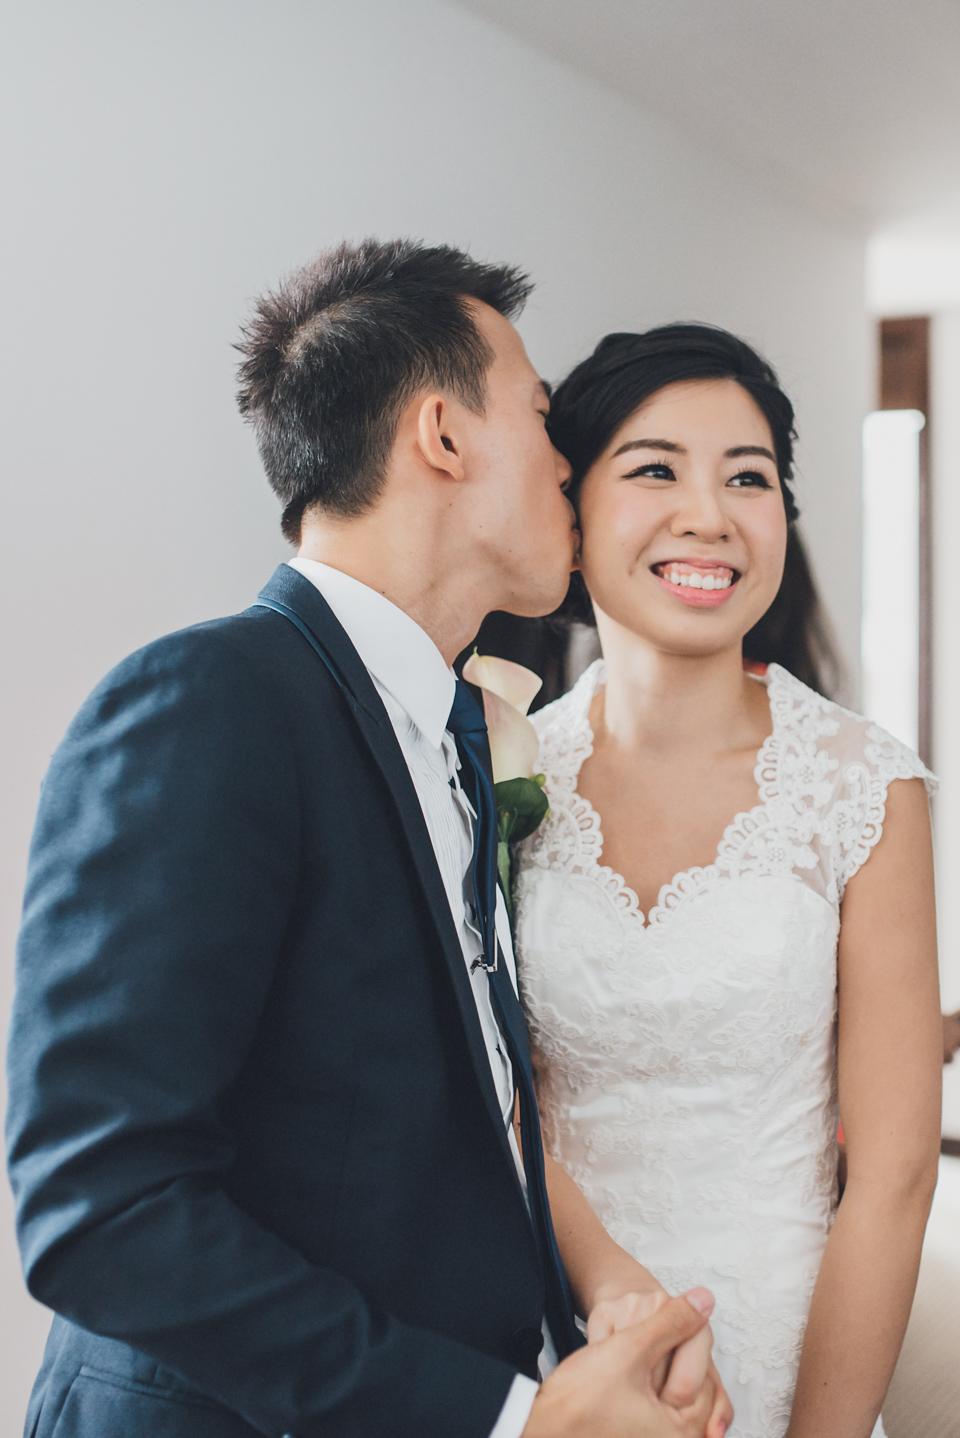 hongkong-wedding-photo-video-49 Kristy & Sam HongKong Wedding Four Saison HKhongkong wedding photo video 49